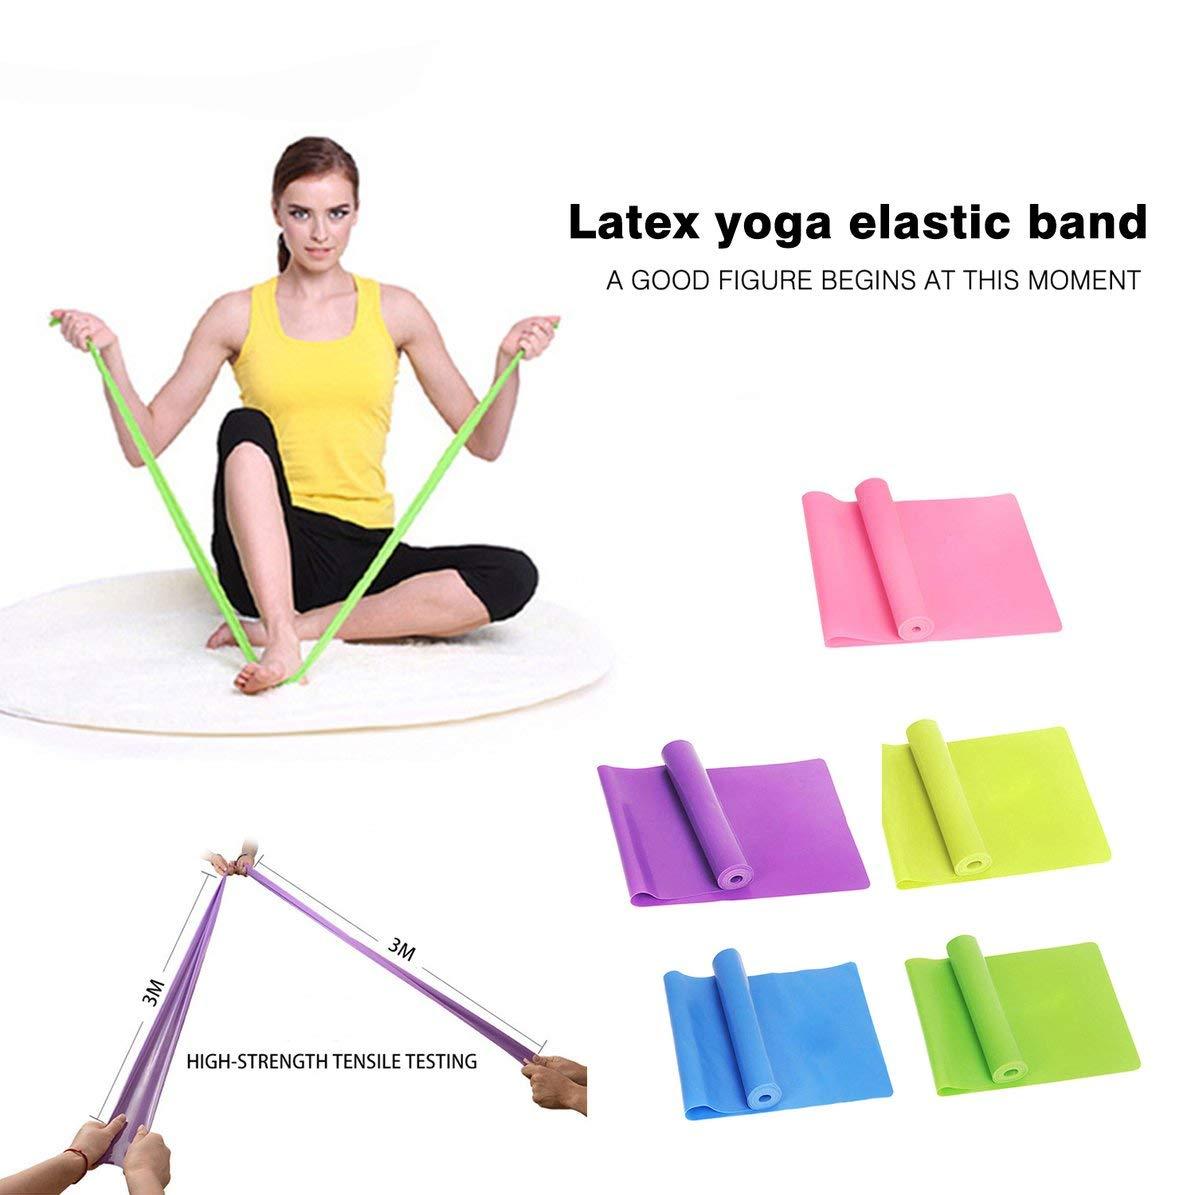 WEIWEITOE Sport Gym Fitness Attrezzature per lallenamento alla Forza Allenamento Elastico Resistenze Bands Allenamento Yoga Gomma Loops Sport Pilates Band Blu,